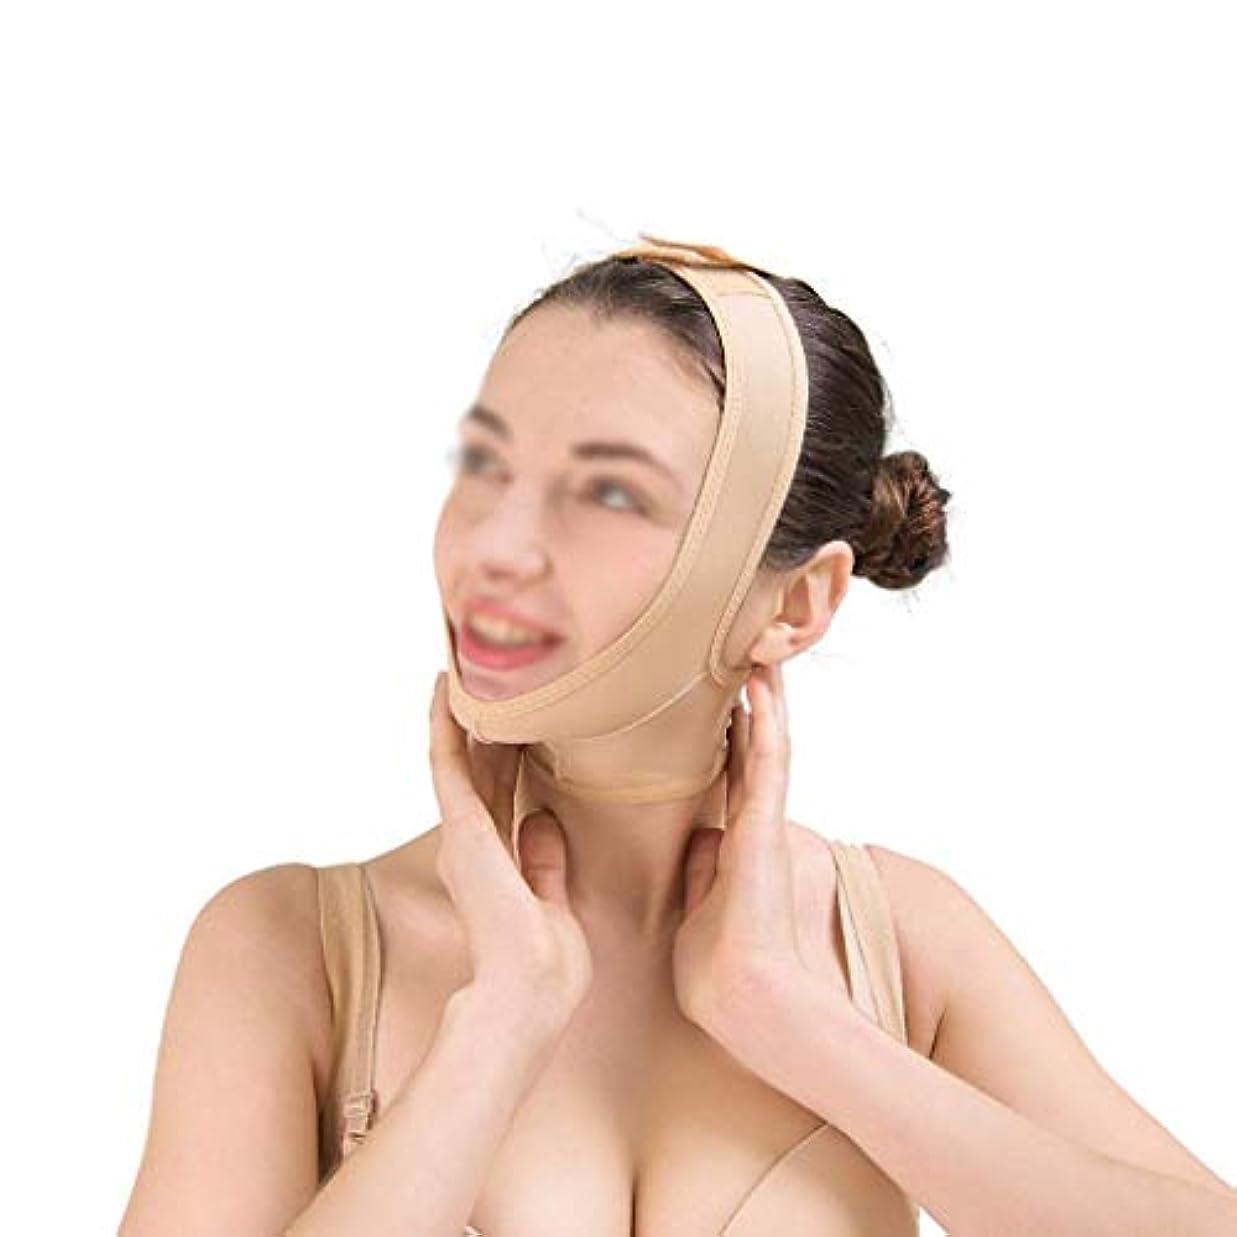 立方体無ゴシップダブルチンストラップ、包帯の持ち上げ、肌の包帯の持ち上げと引き締め フェイスマスク、快適で 顔の持ち上がるマスク(サイズ:S),XL